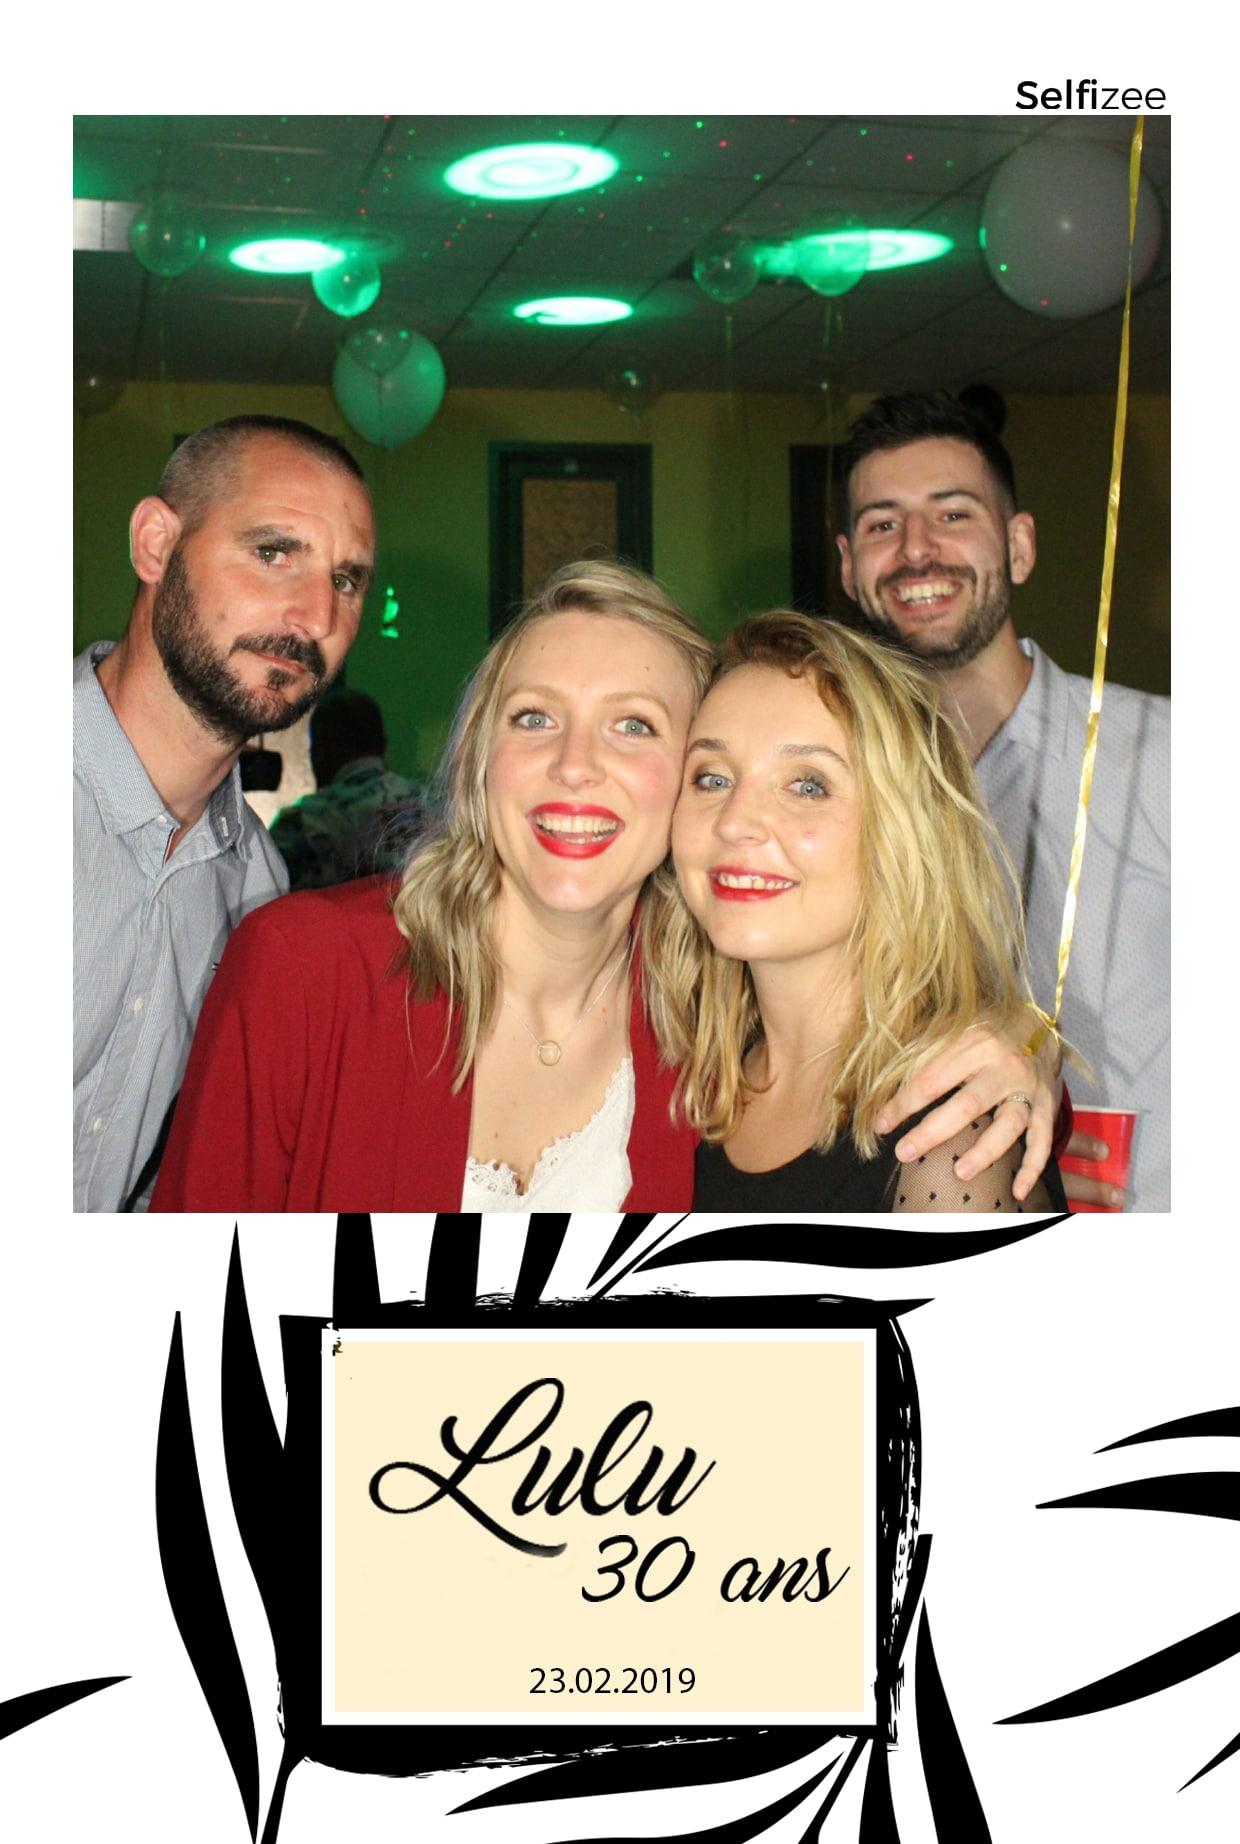 Animation borne selfie anniversaire avec photos personnalisées à Montpellier - borne photo connectée à louer à Montpellier et dans l'Hérault pour animation anniversaire, fête, soirée, mariage, baptême